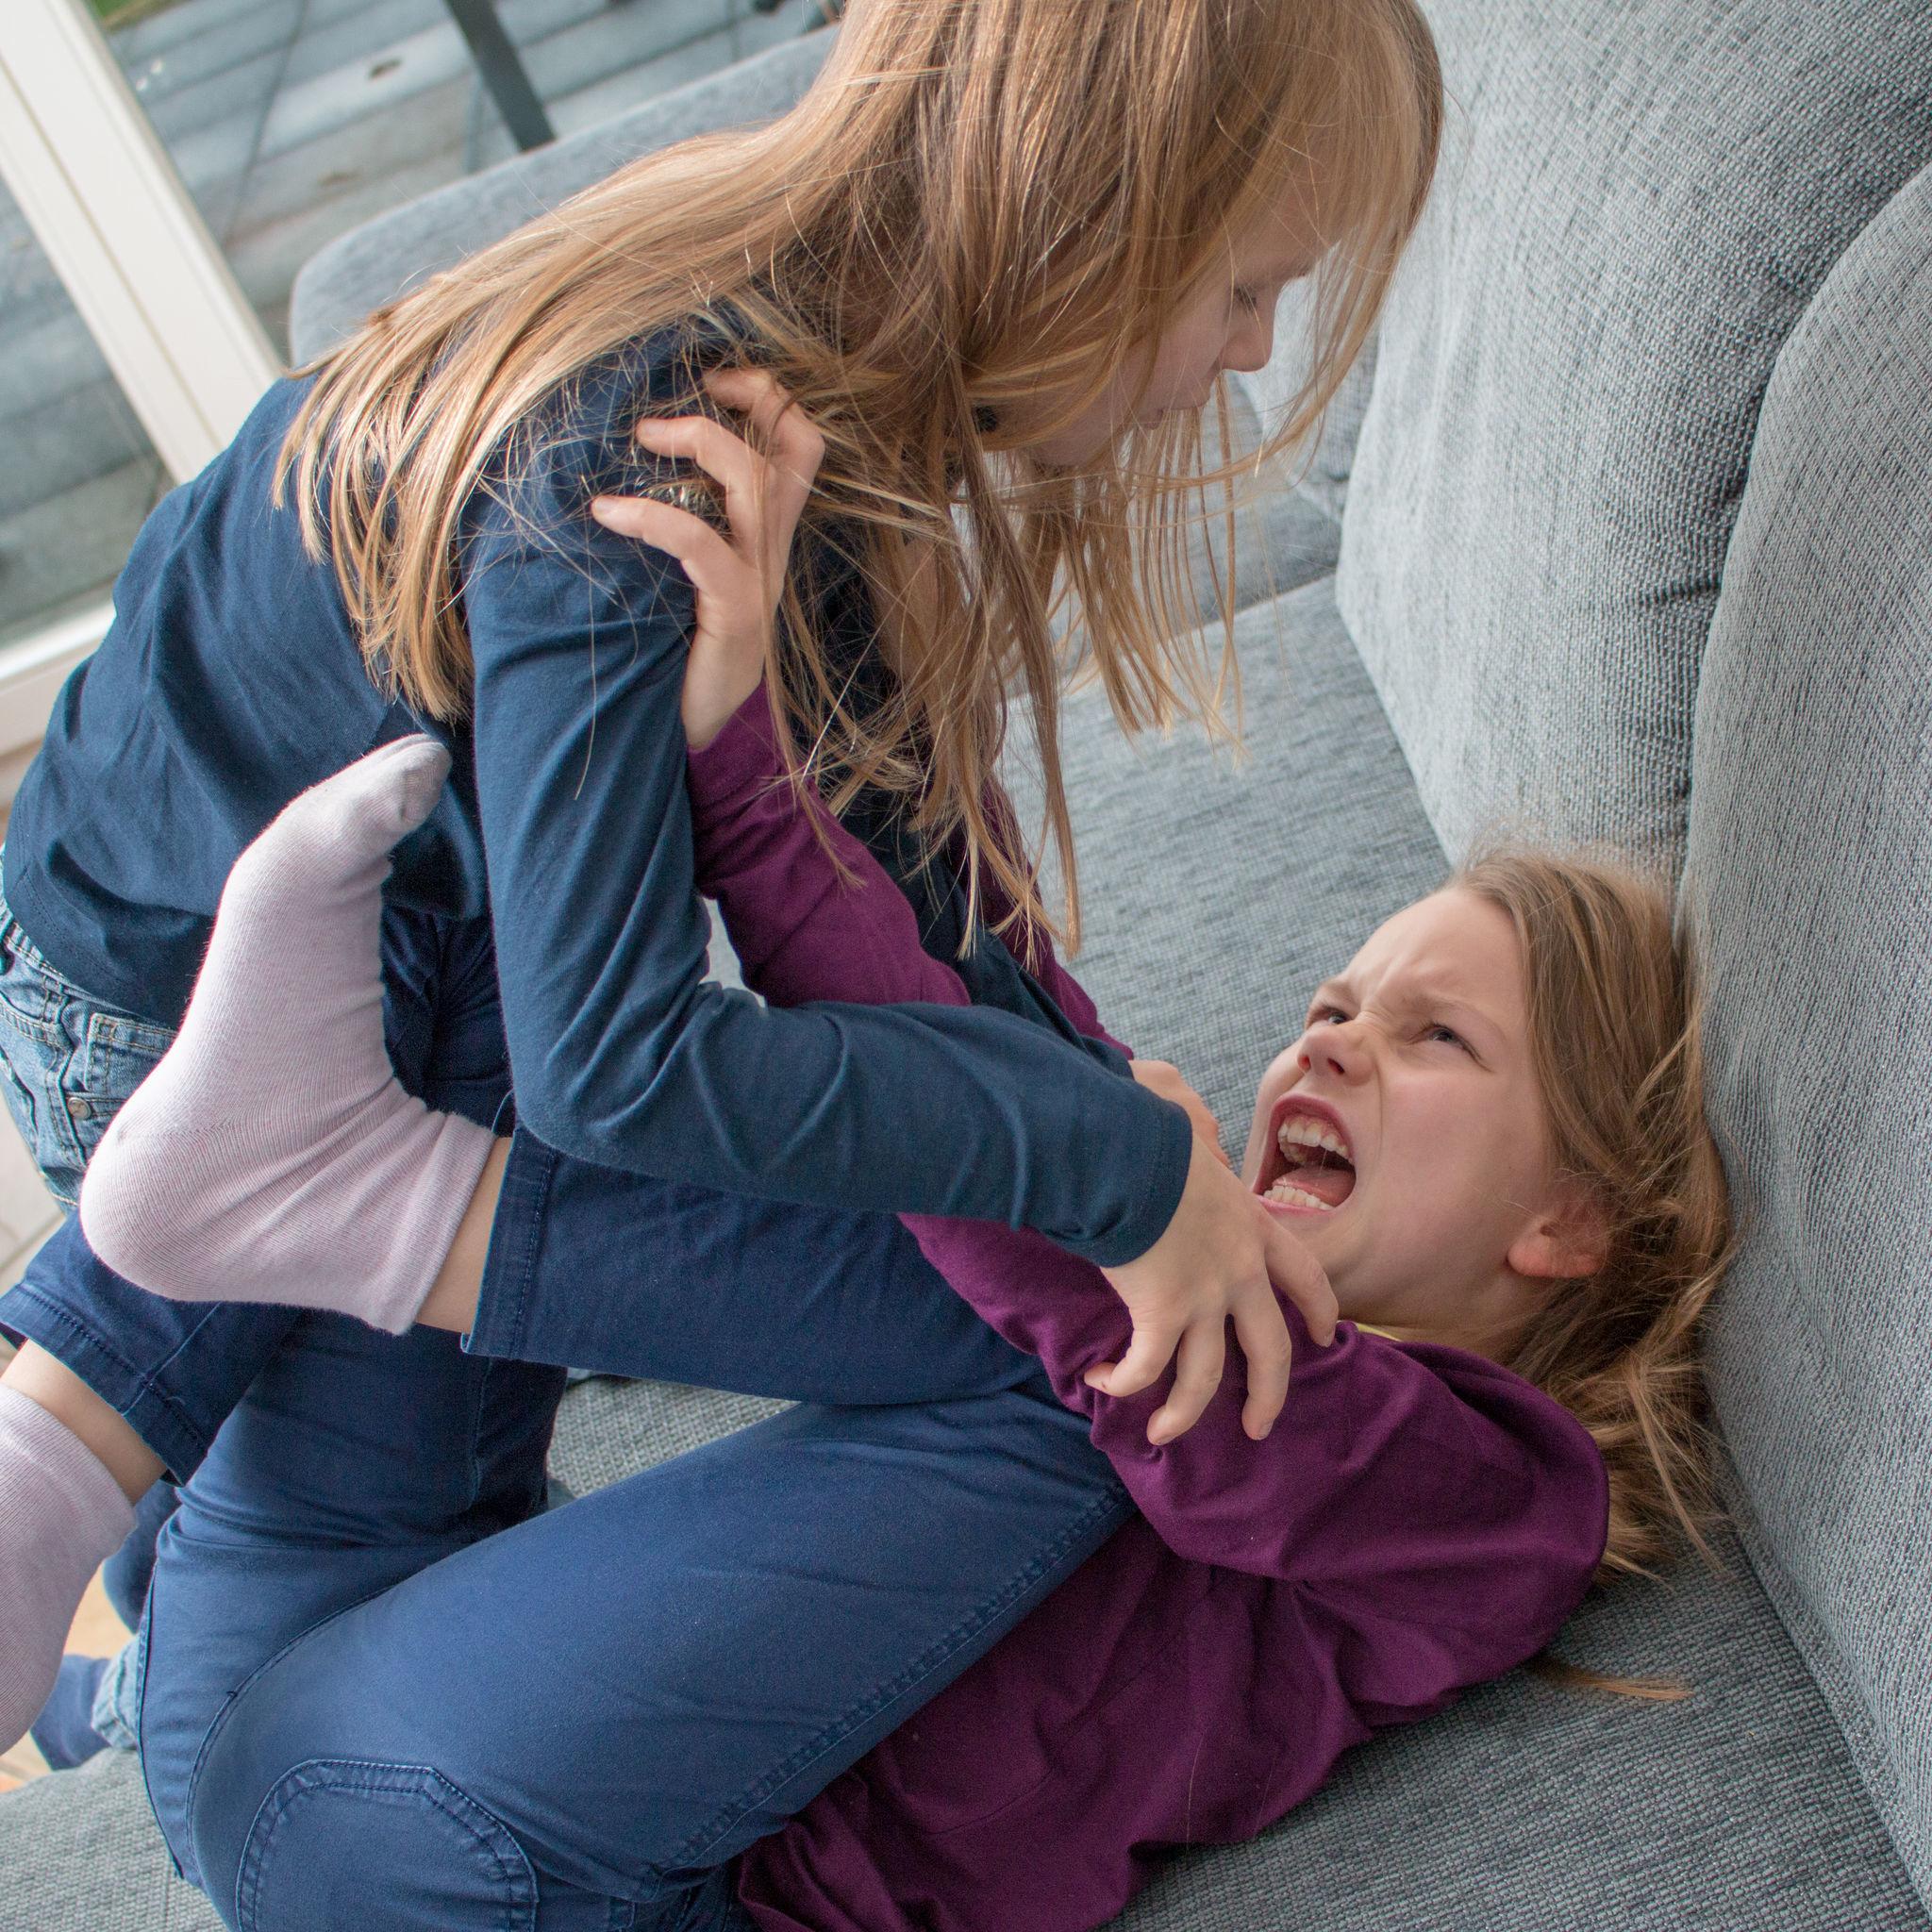 mijn-kinderen-maken-de-hele-dag-ruzie-heb-je-tips